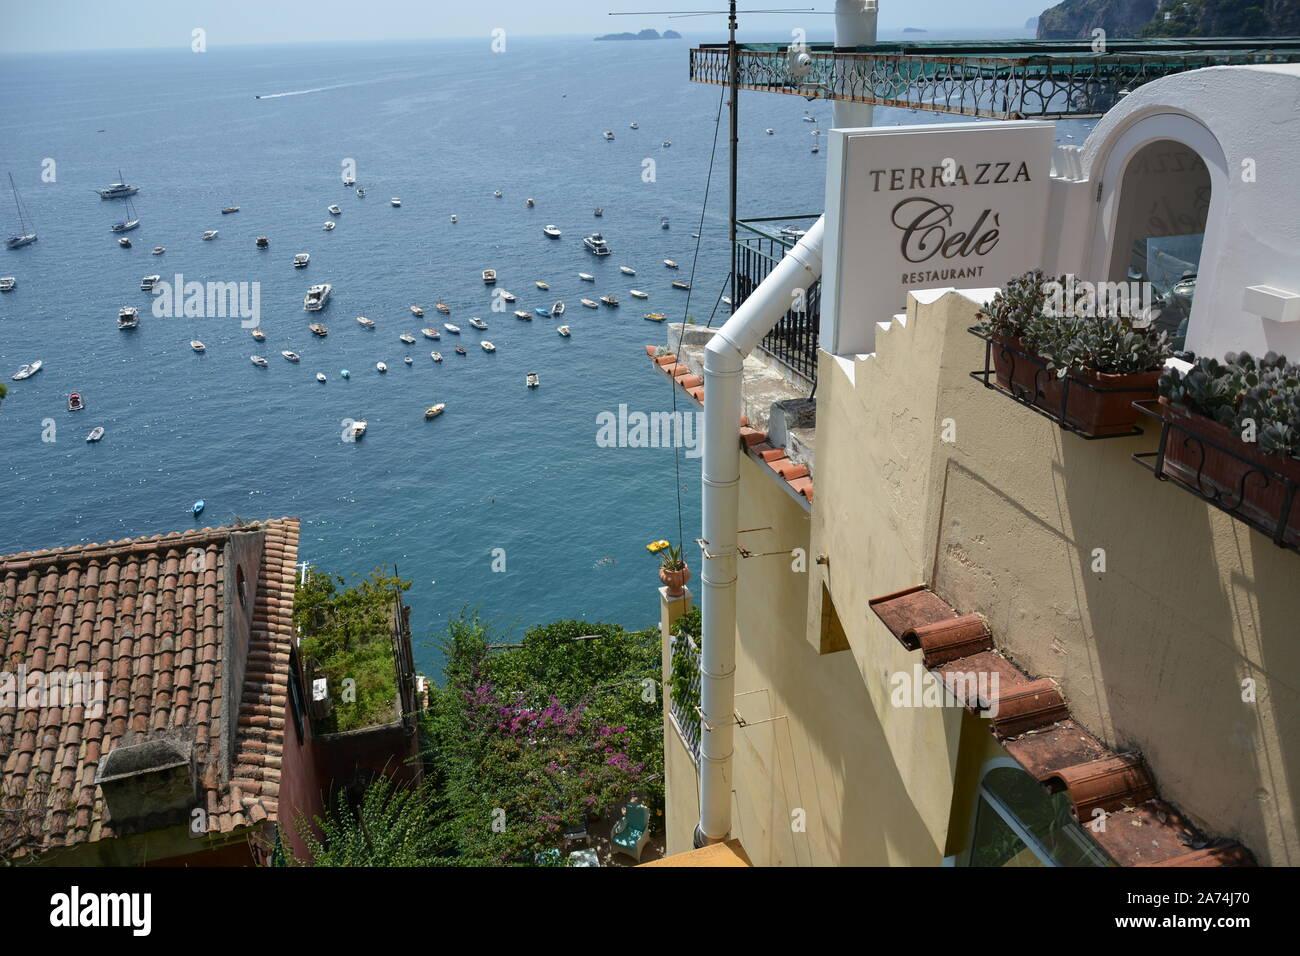 Positano Italy August 23 2018 The View Of Positano